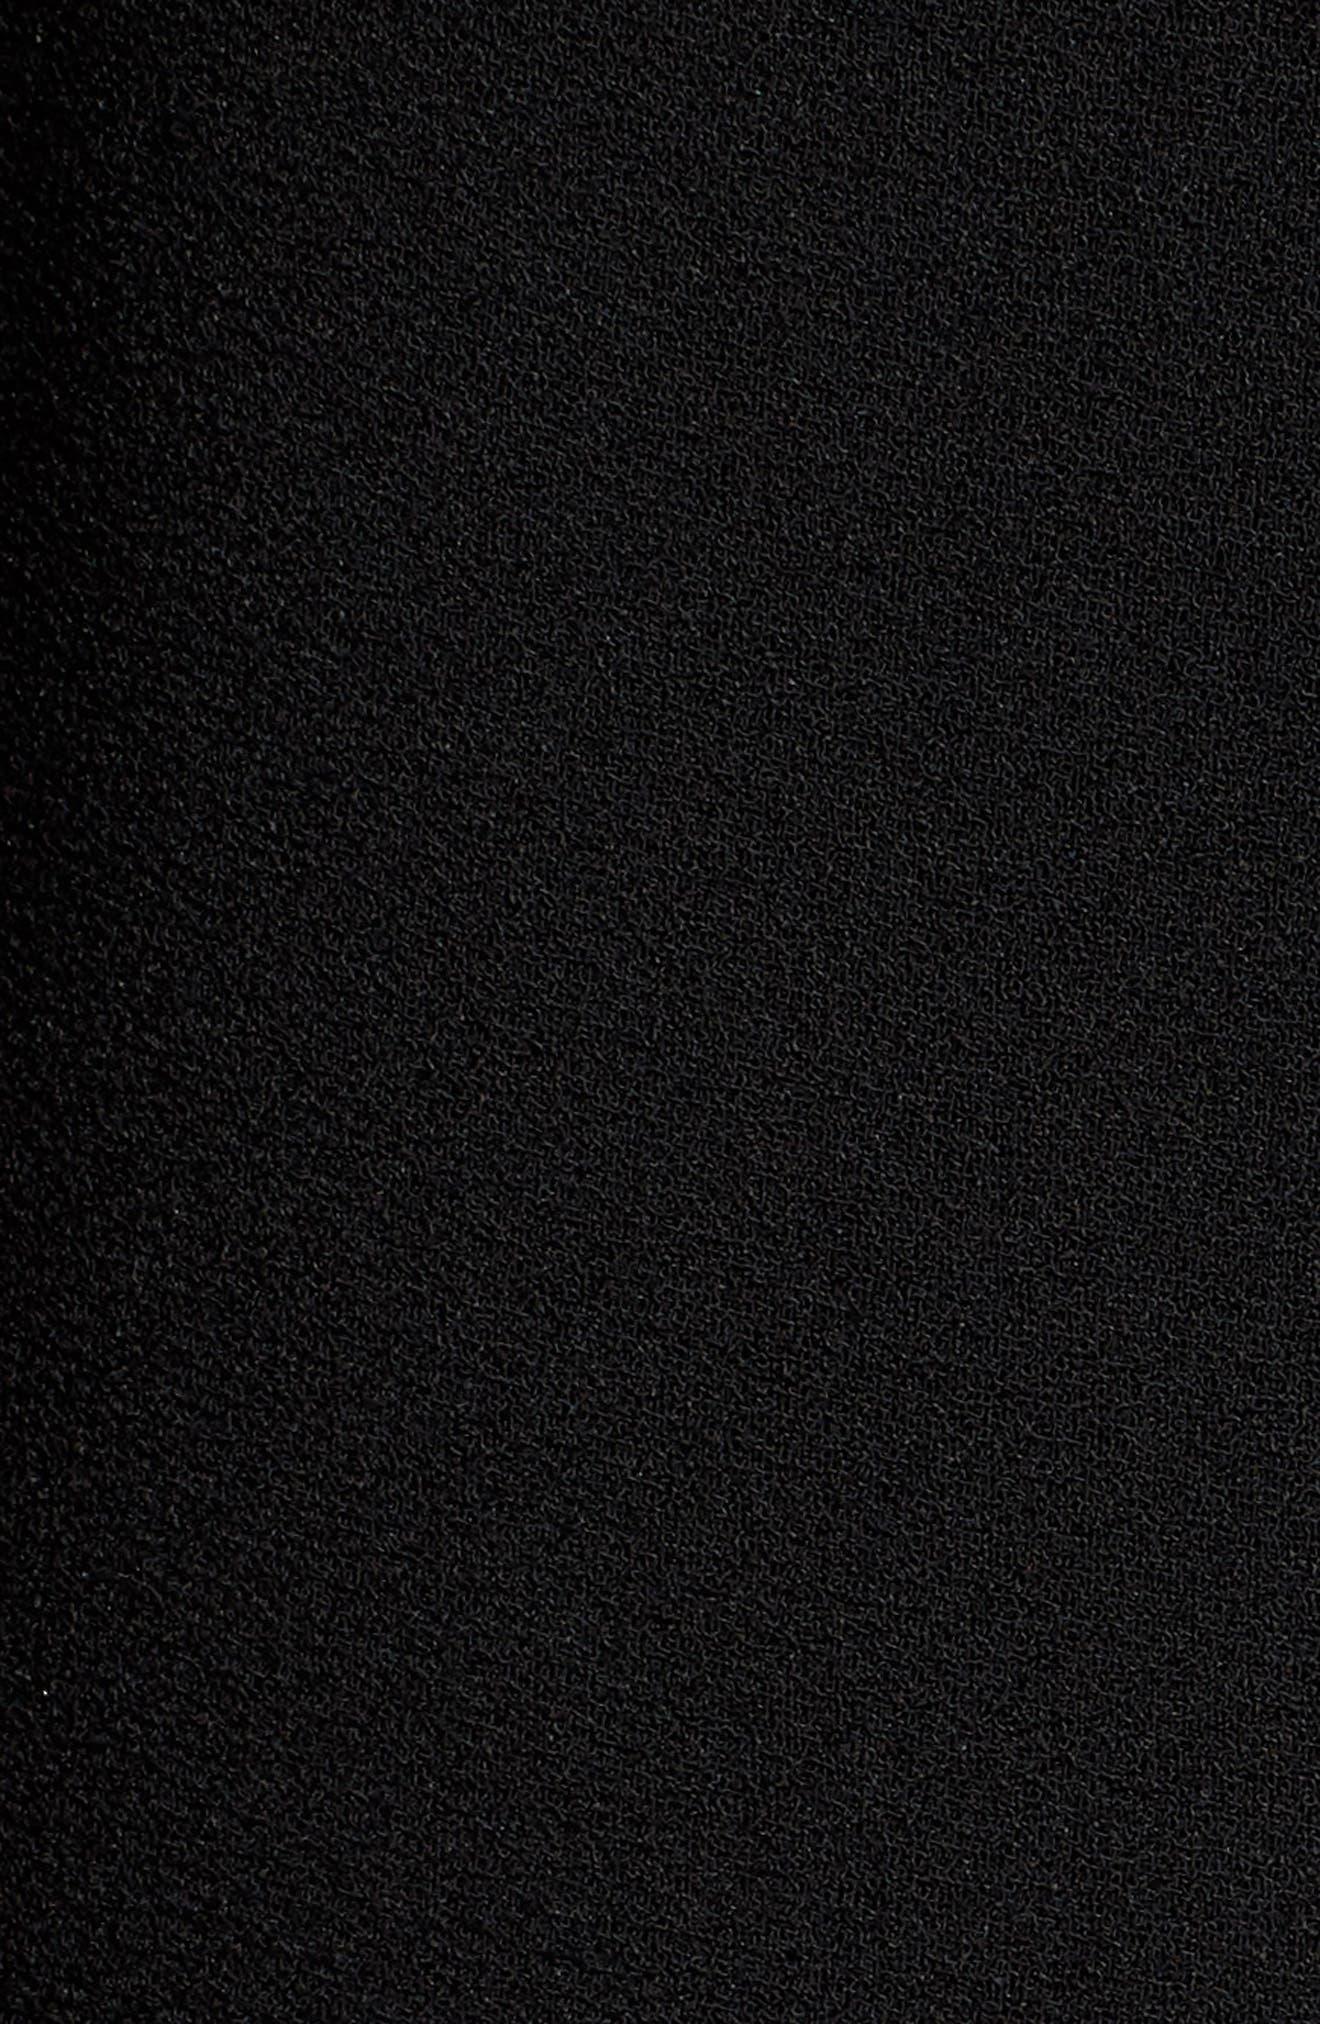 Jisala Compact Crepe Crop Jacket,                             Alternate thumbnail 6, color,